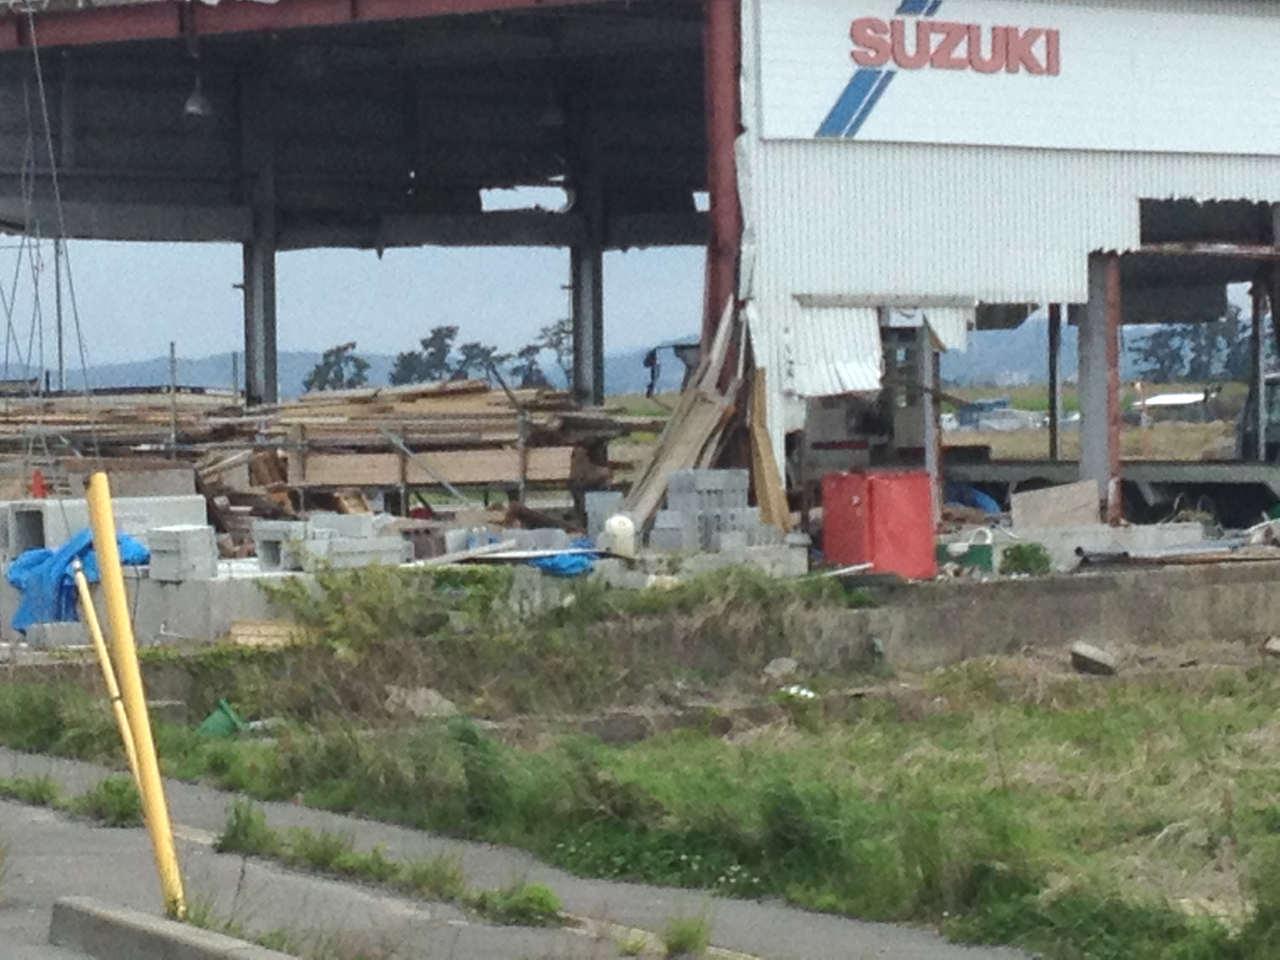 修理されないままの自動車修理工場